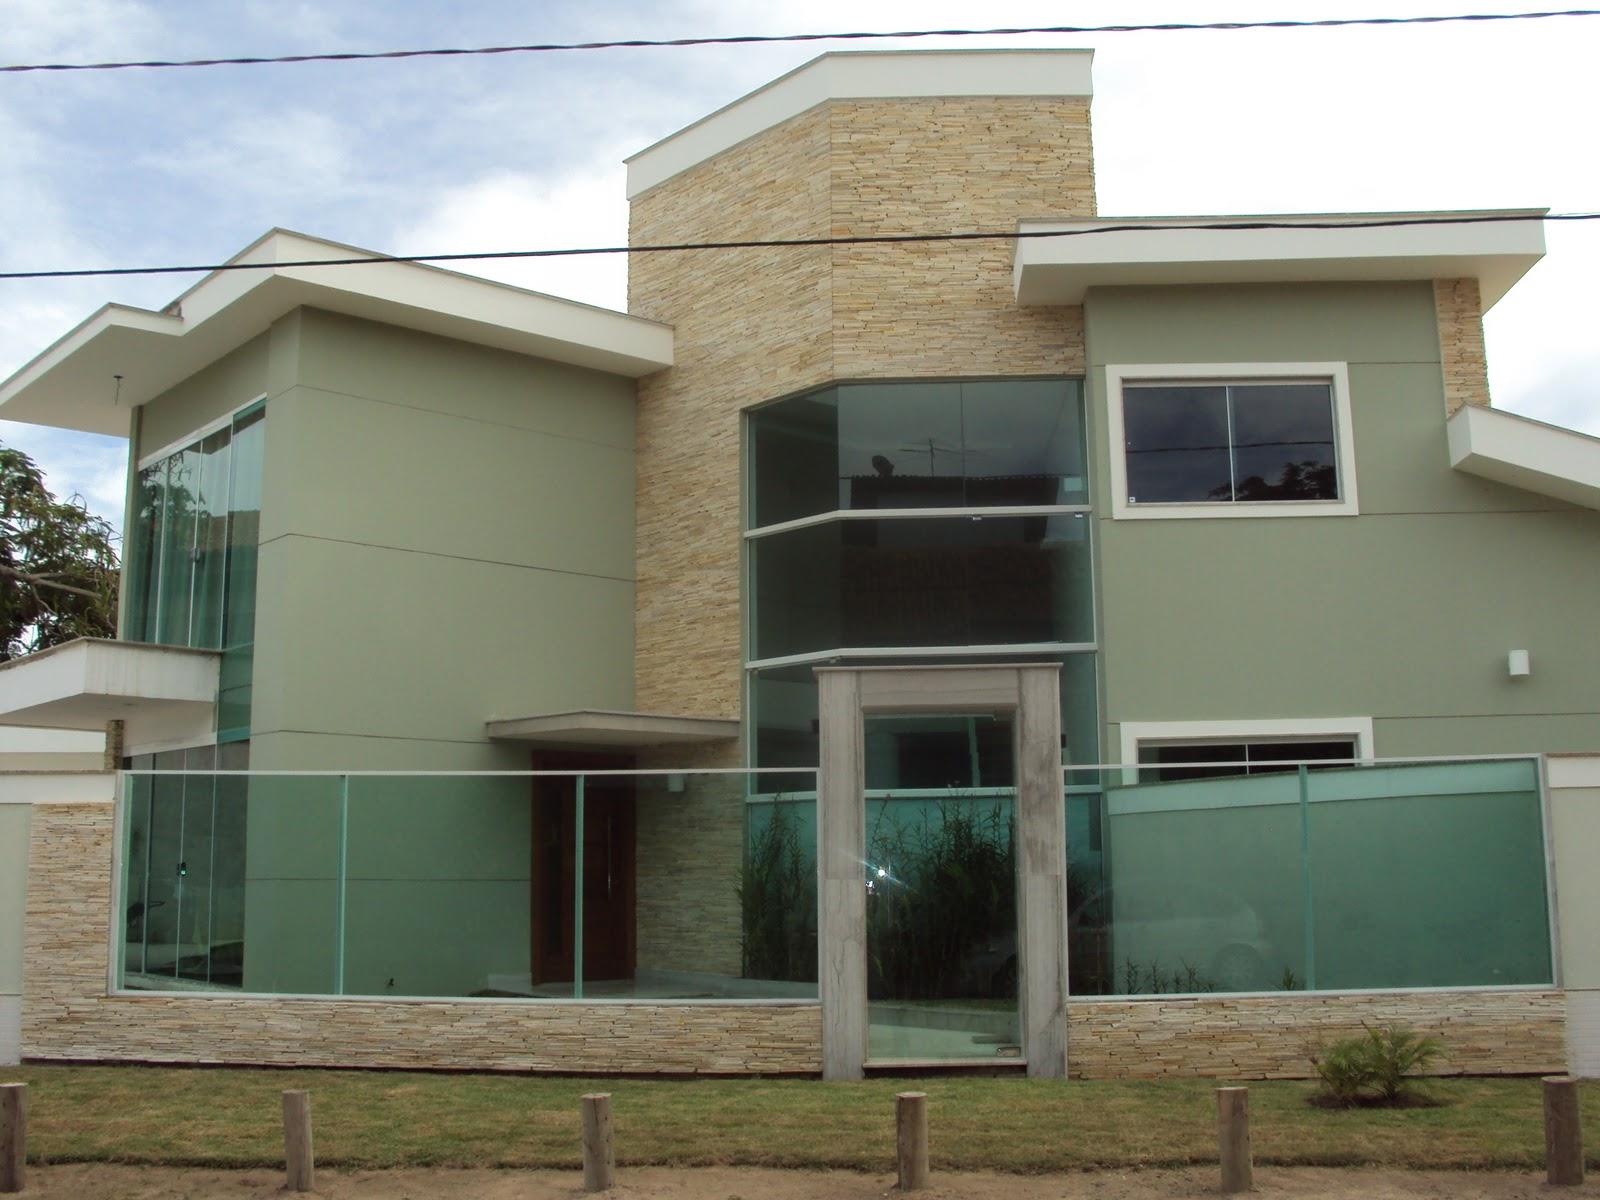 #5B5038 Aparência em alta: Decoração: Muro de vidro 754 Janelas Vidros Verdes